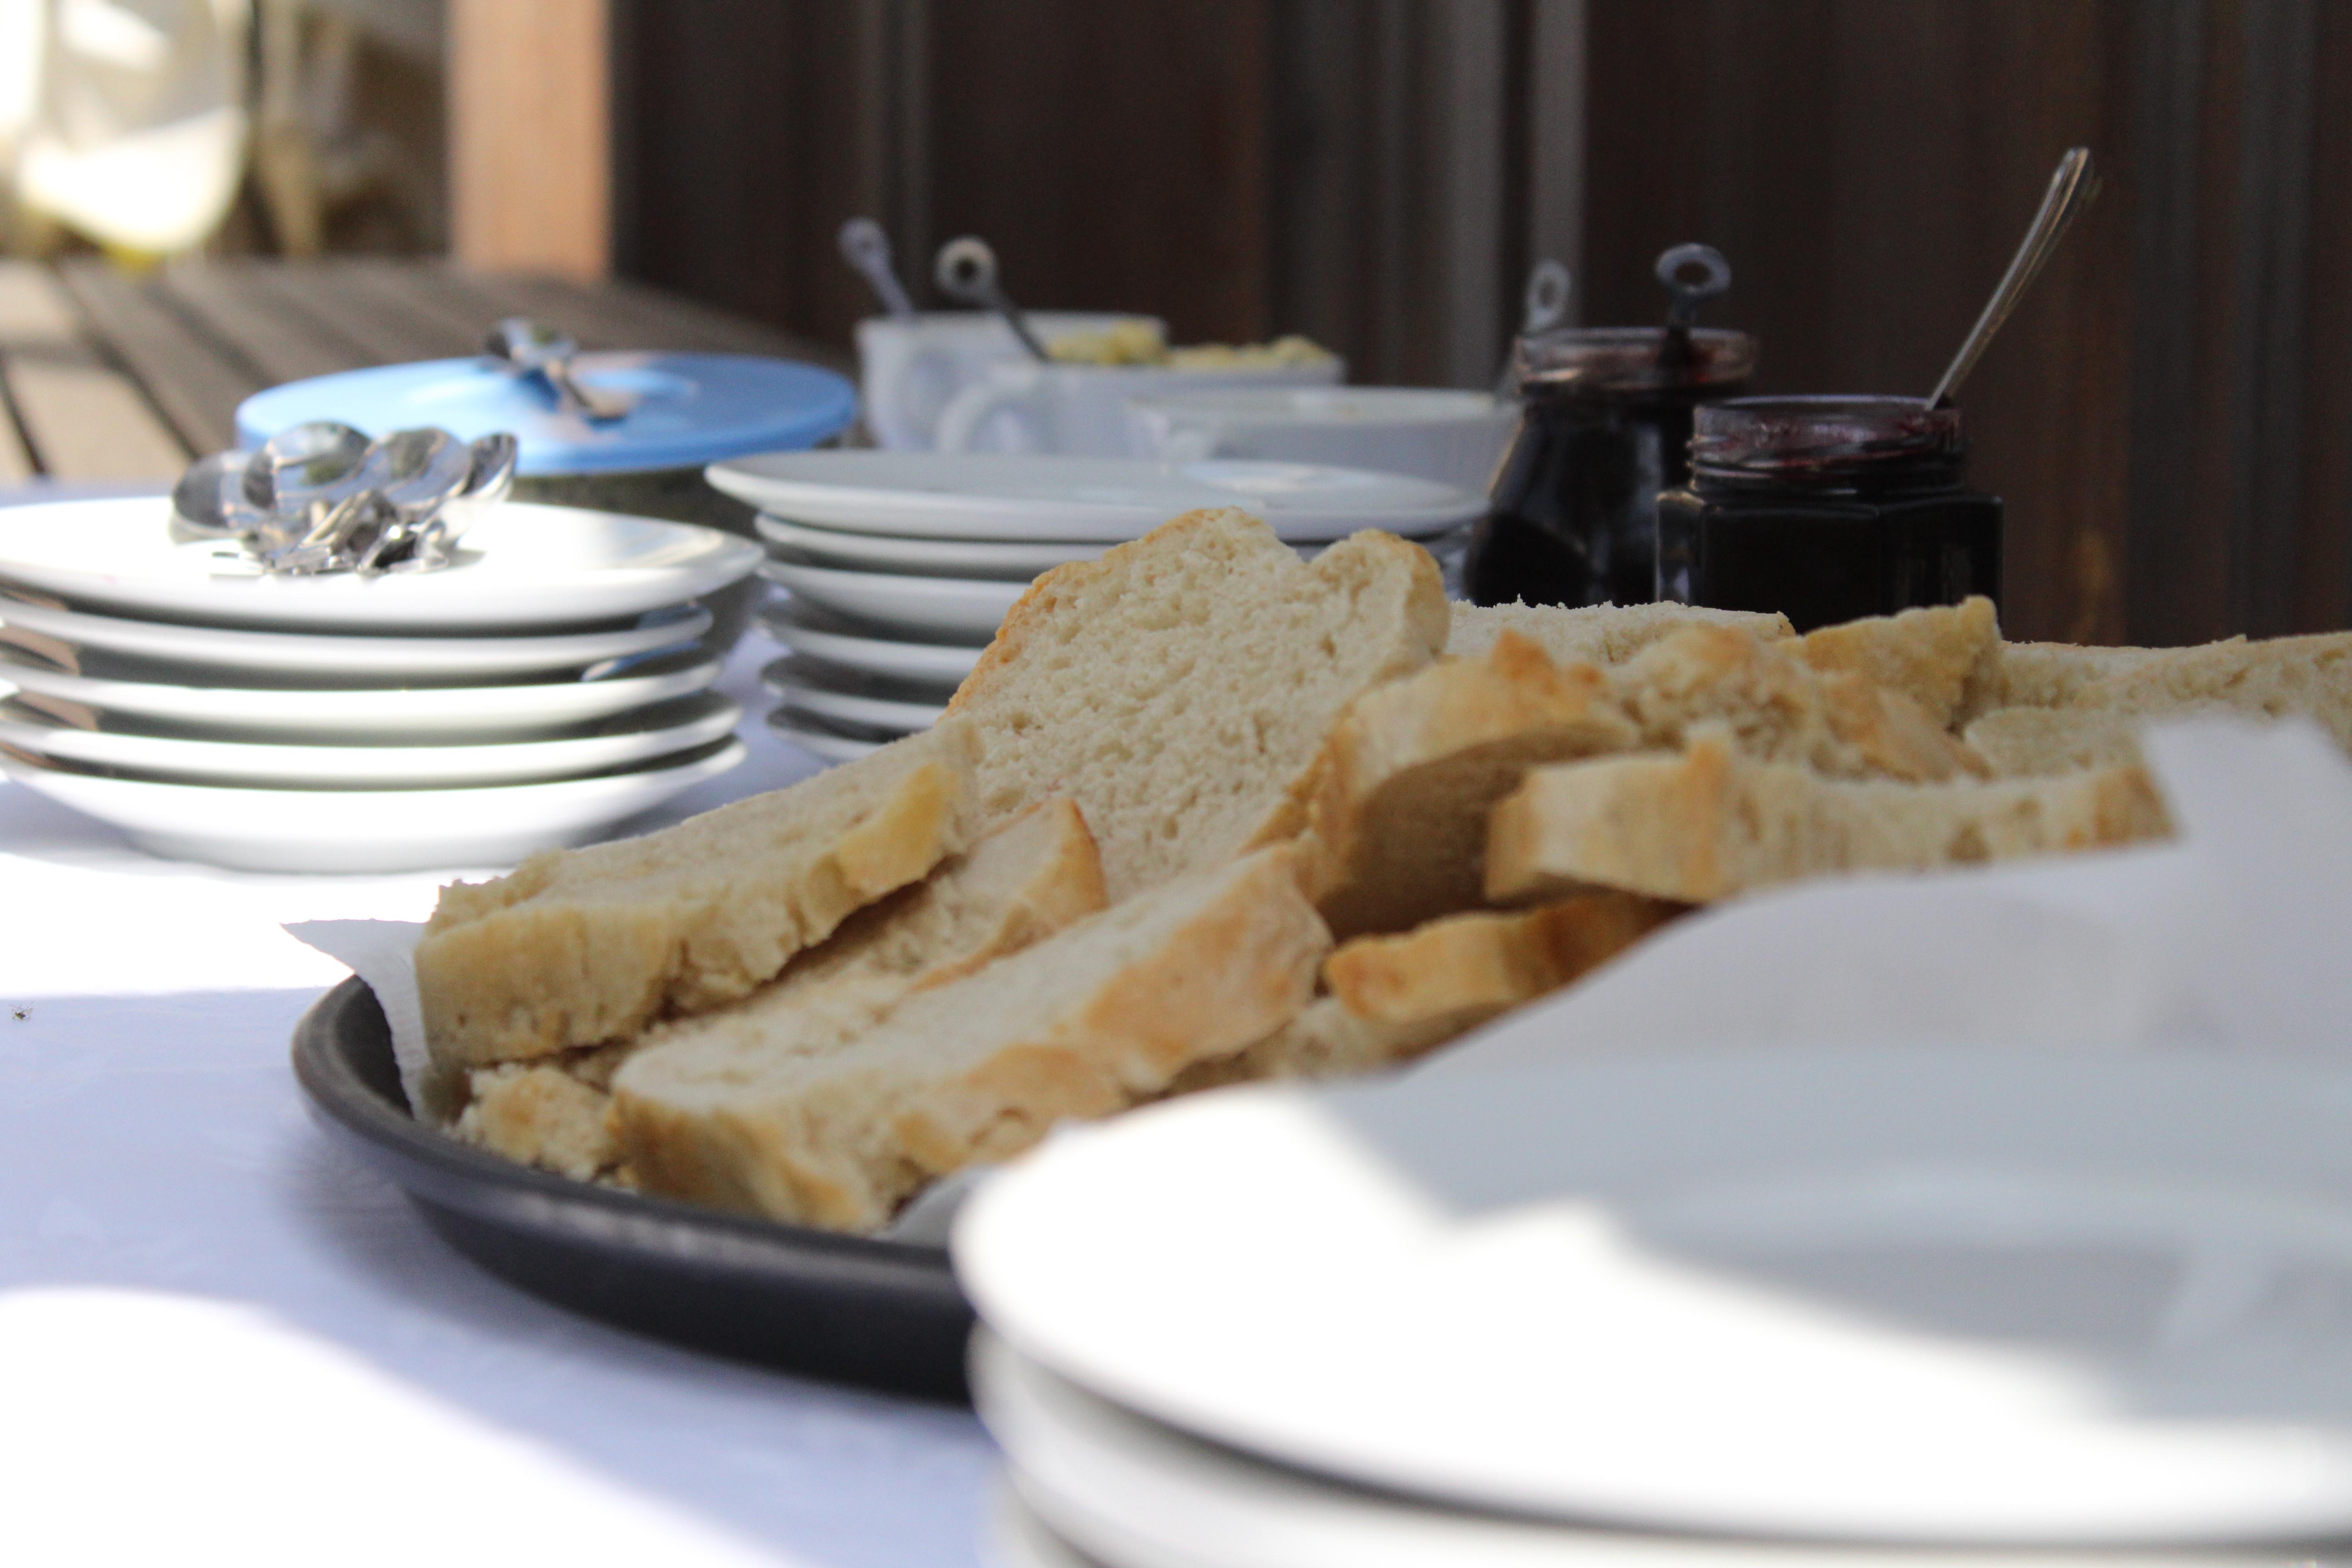 Zajtrk sta pripravila prostovoljca Tereza Vidovič in Gašper Bračič. FOTO. Alma Mursenovič